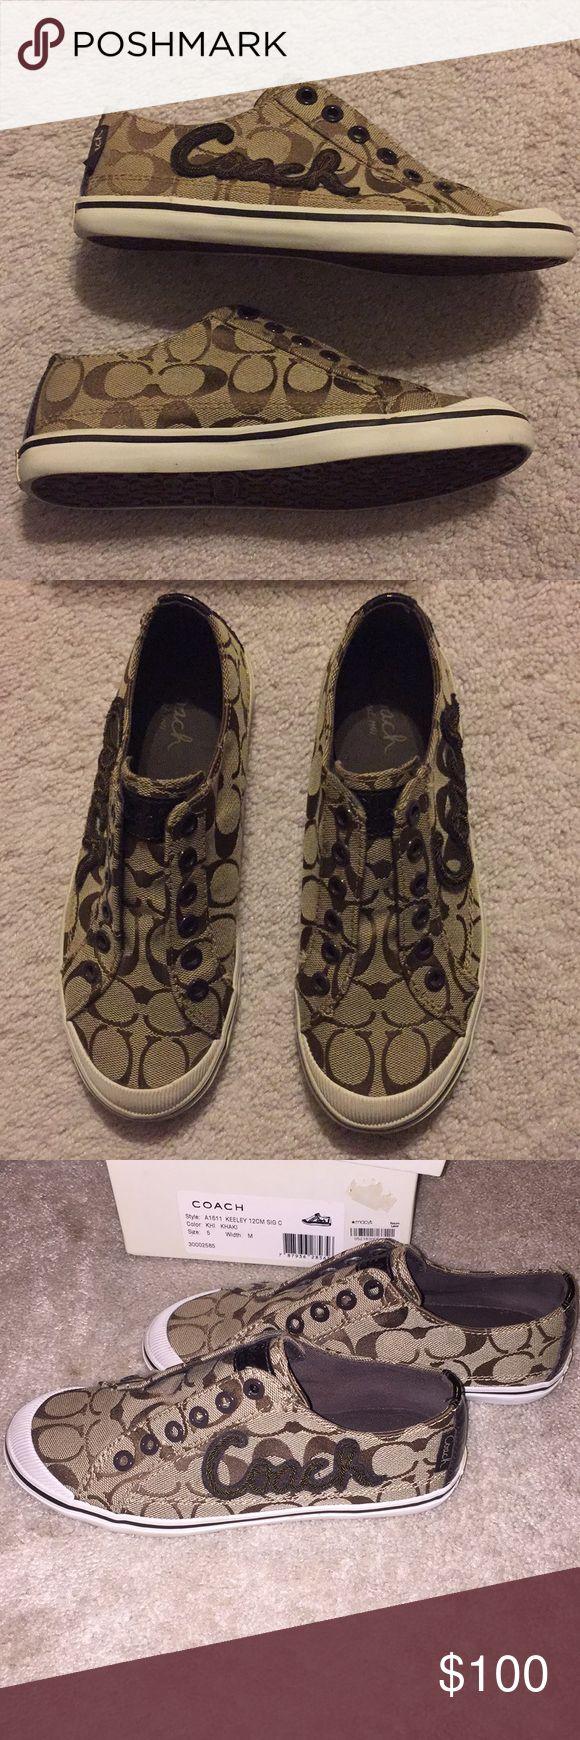 Coach sneaker slide on women's shoes brown, size 5 New in box, never worn! Coach sneaker slide on women's shoes brown, size 5 US Coach Shoes Sneakers